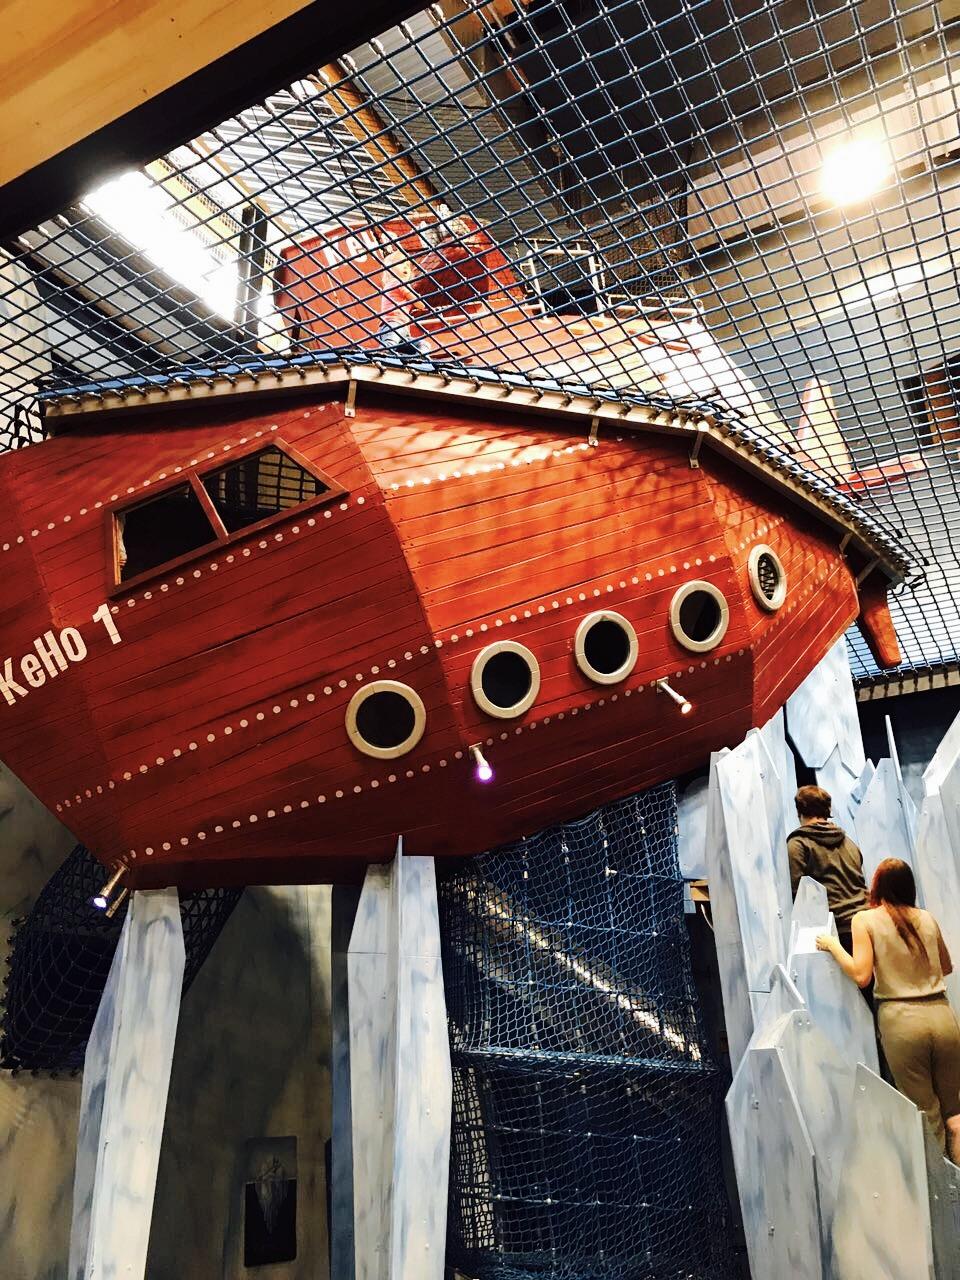 Blick auf ein Holzschiff im Indoorbereich im Ketteler Hof, Haltern